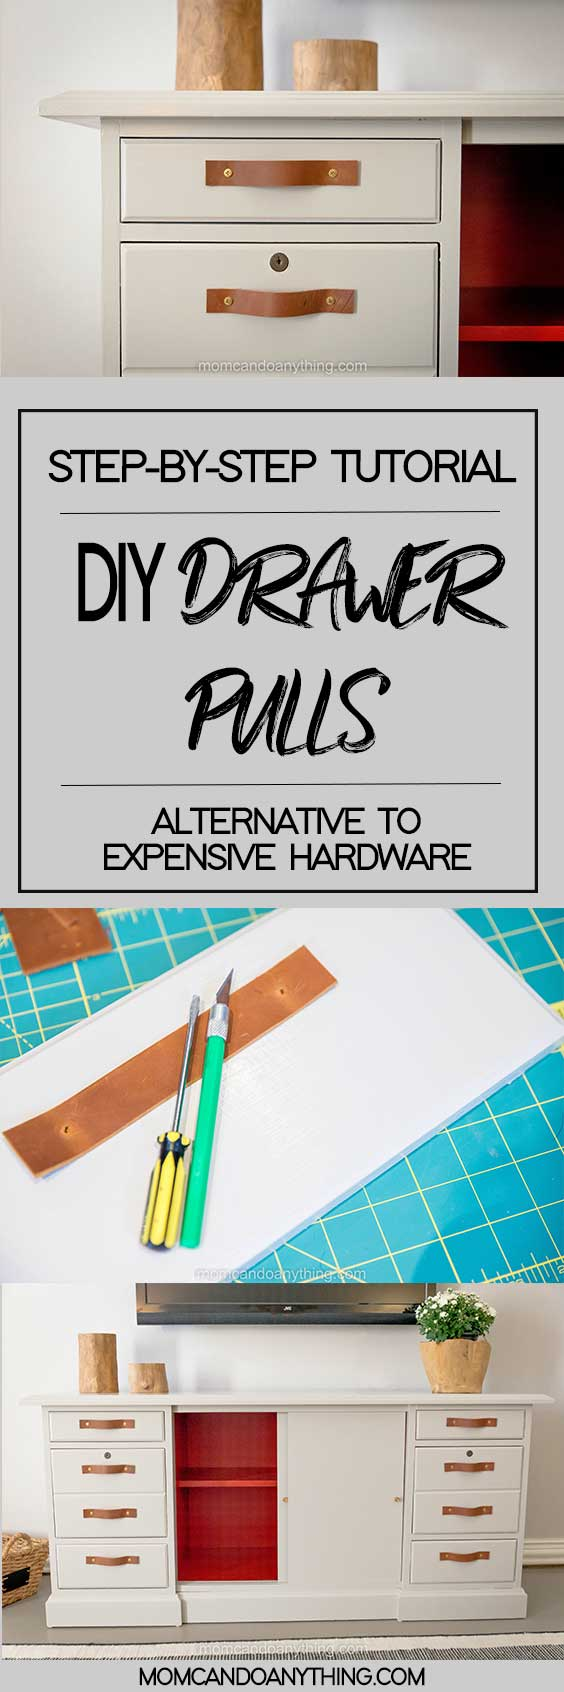 DIY Drawer Pulls